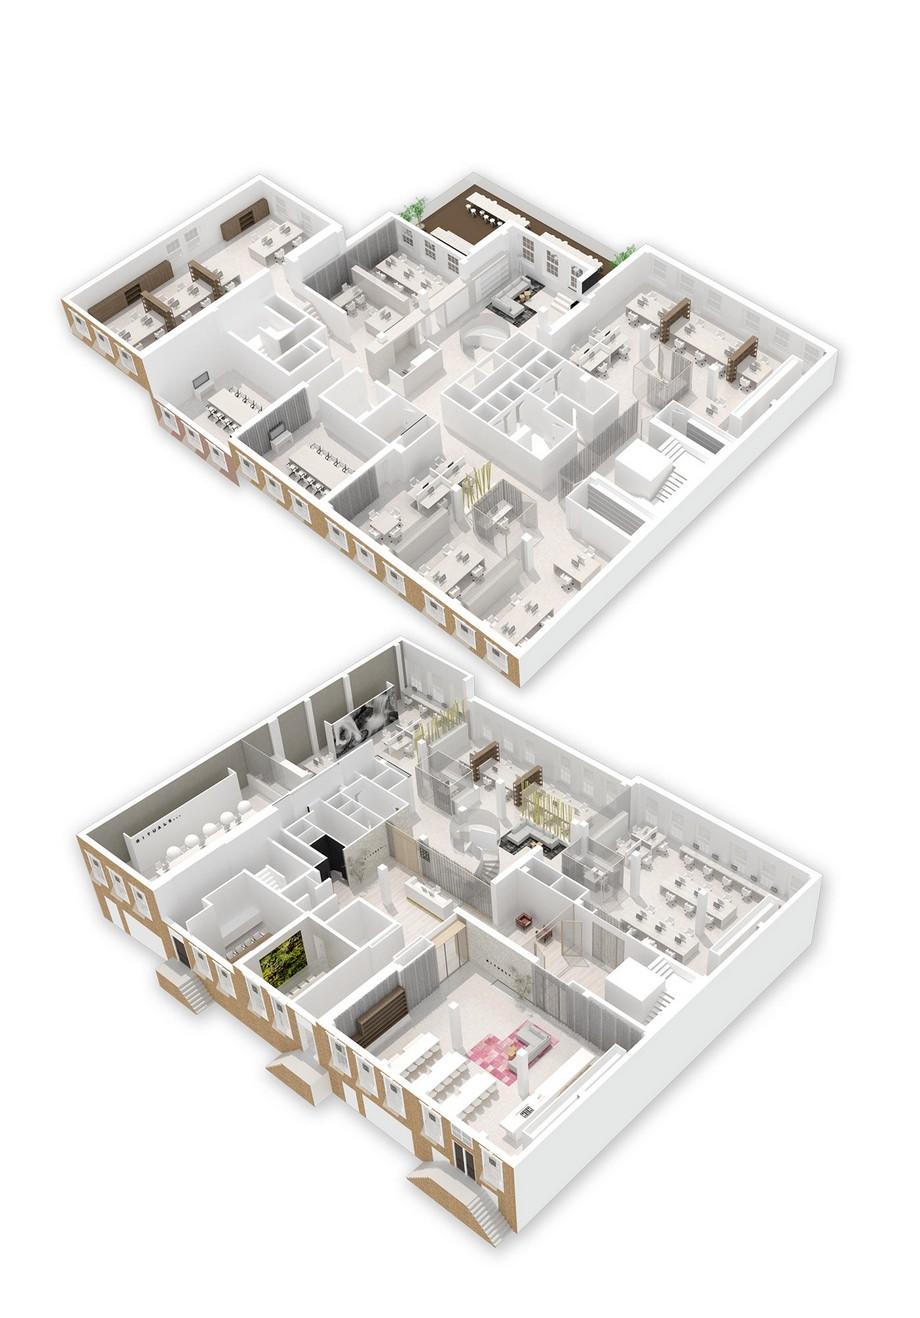 Thiết kế nội thất văn phòng mỹ phẩm mang tính chuyên nghiệp cao